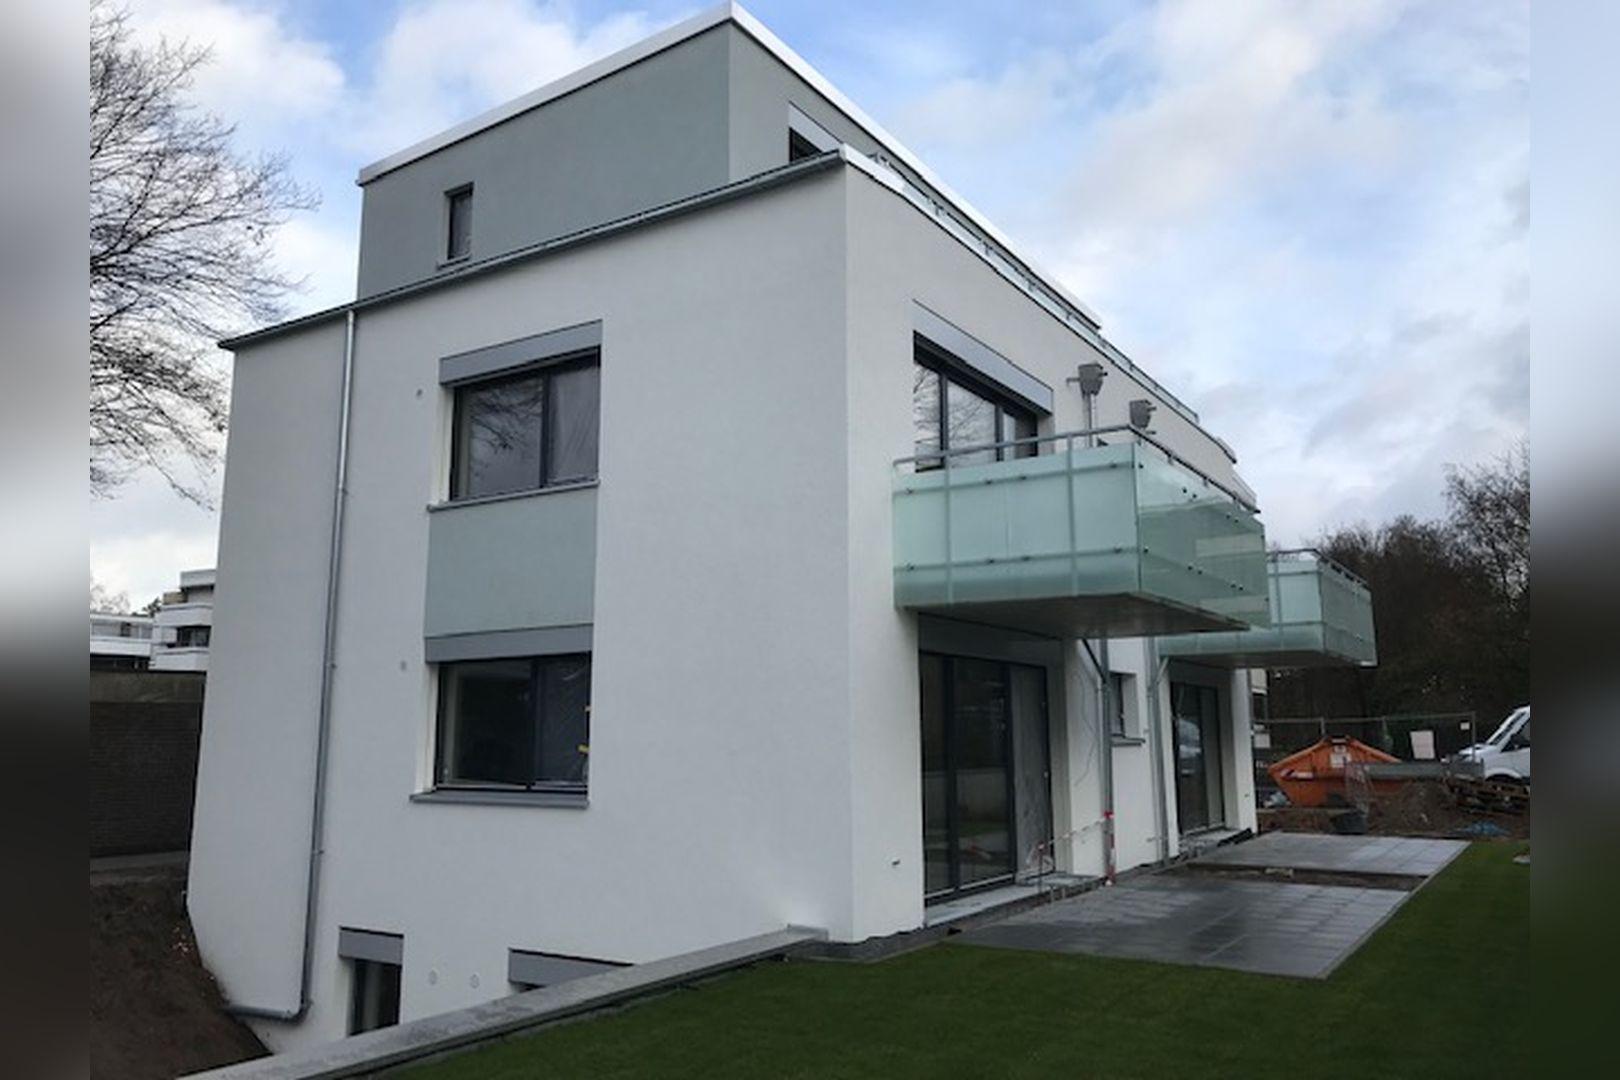 Immobilie Nr.BÖ-01.1 - BÖ-01.1; Maisonette Wohnung über EG und Sout., Garten u. Terrasse - Bild 7.jpg